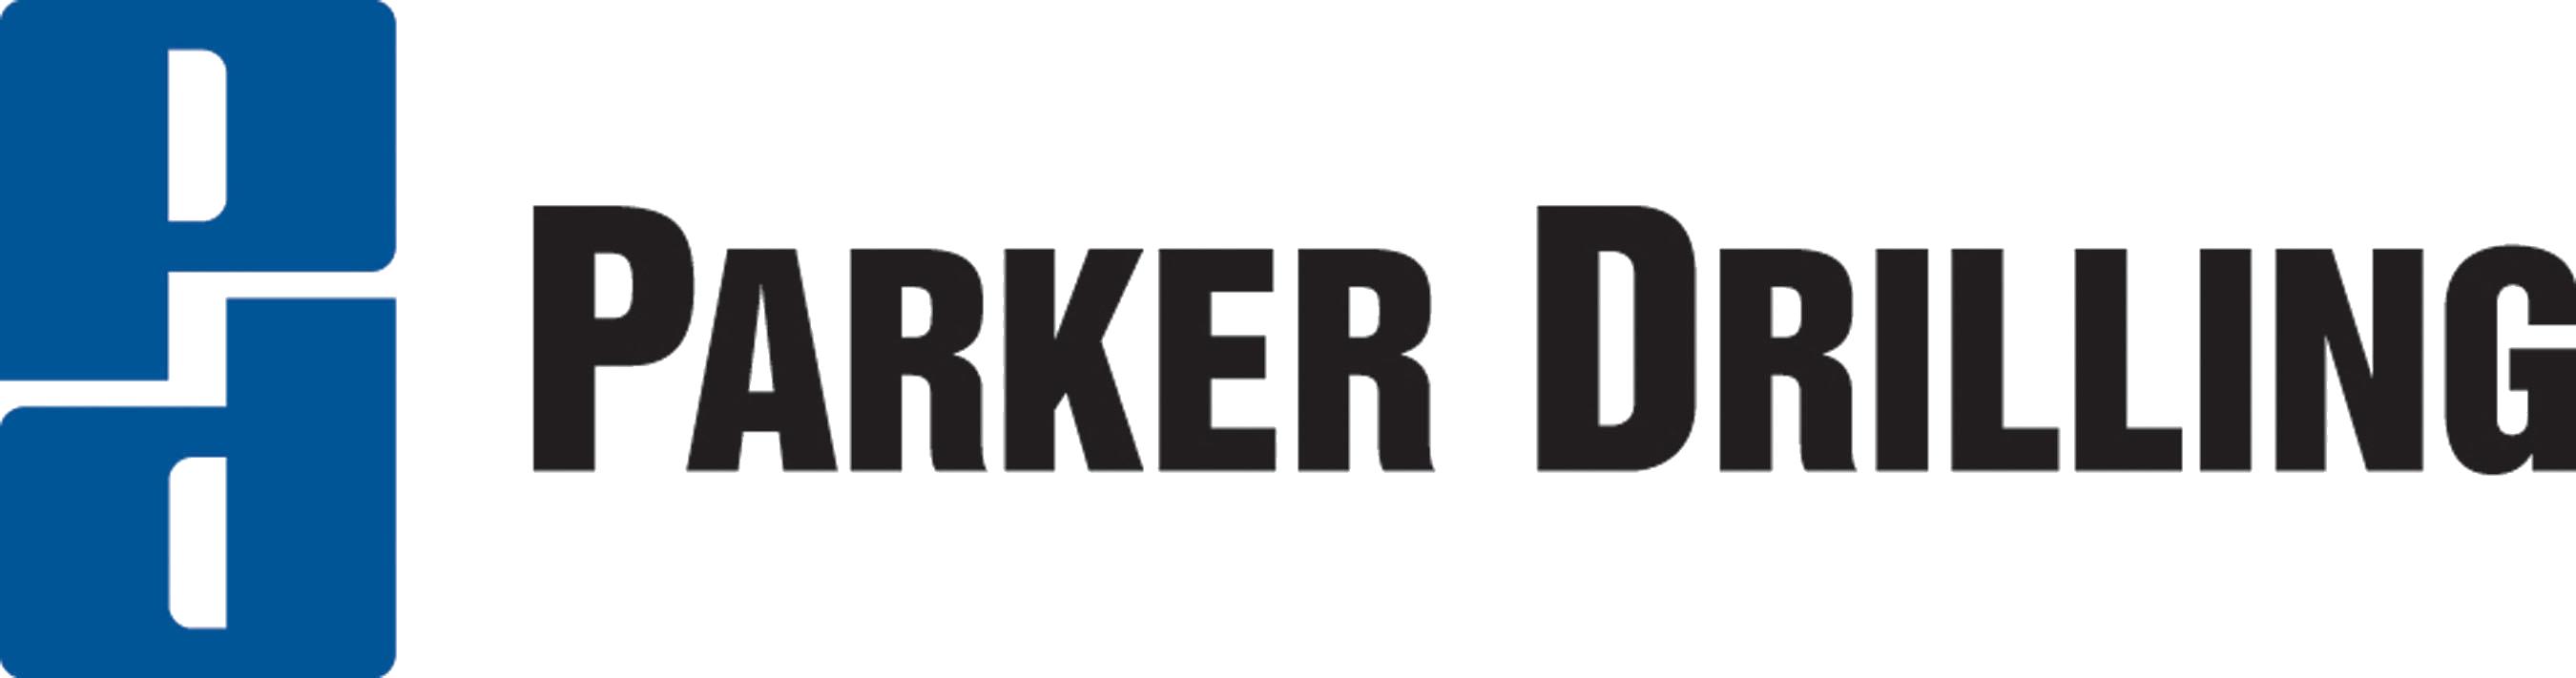 Parker Drilling